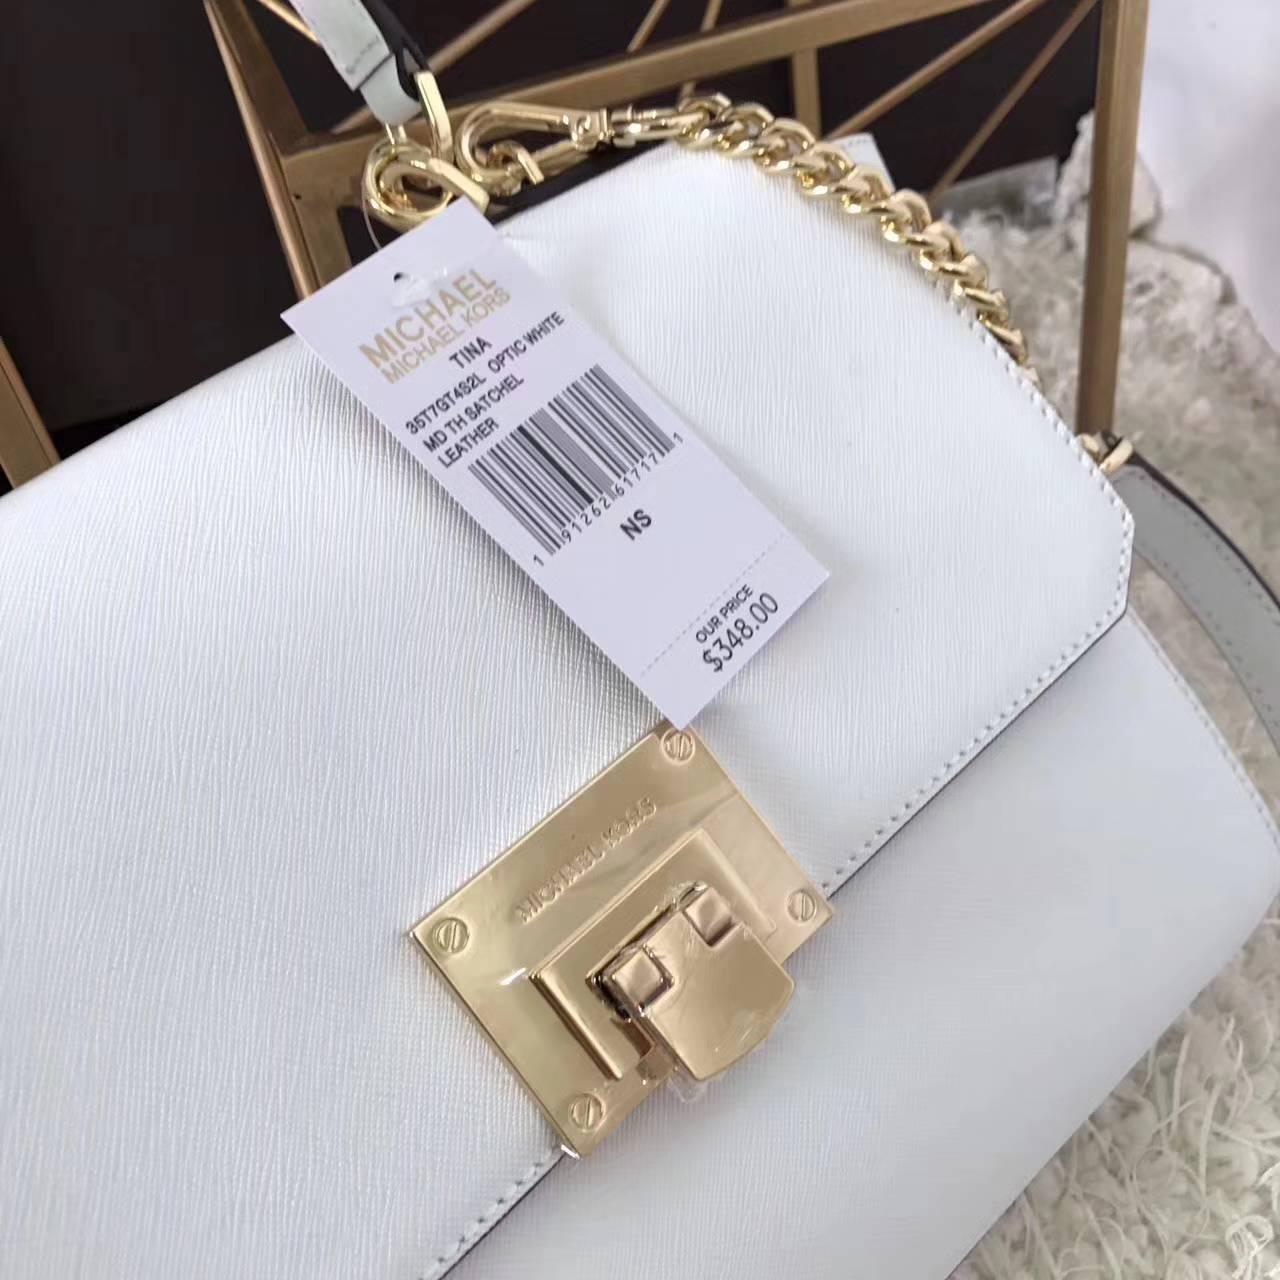 高档女包批发 MK迈克科尔斯新款白色十字纹牛皮秋千包女士手提包26CM